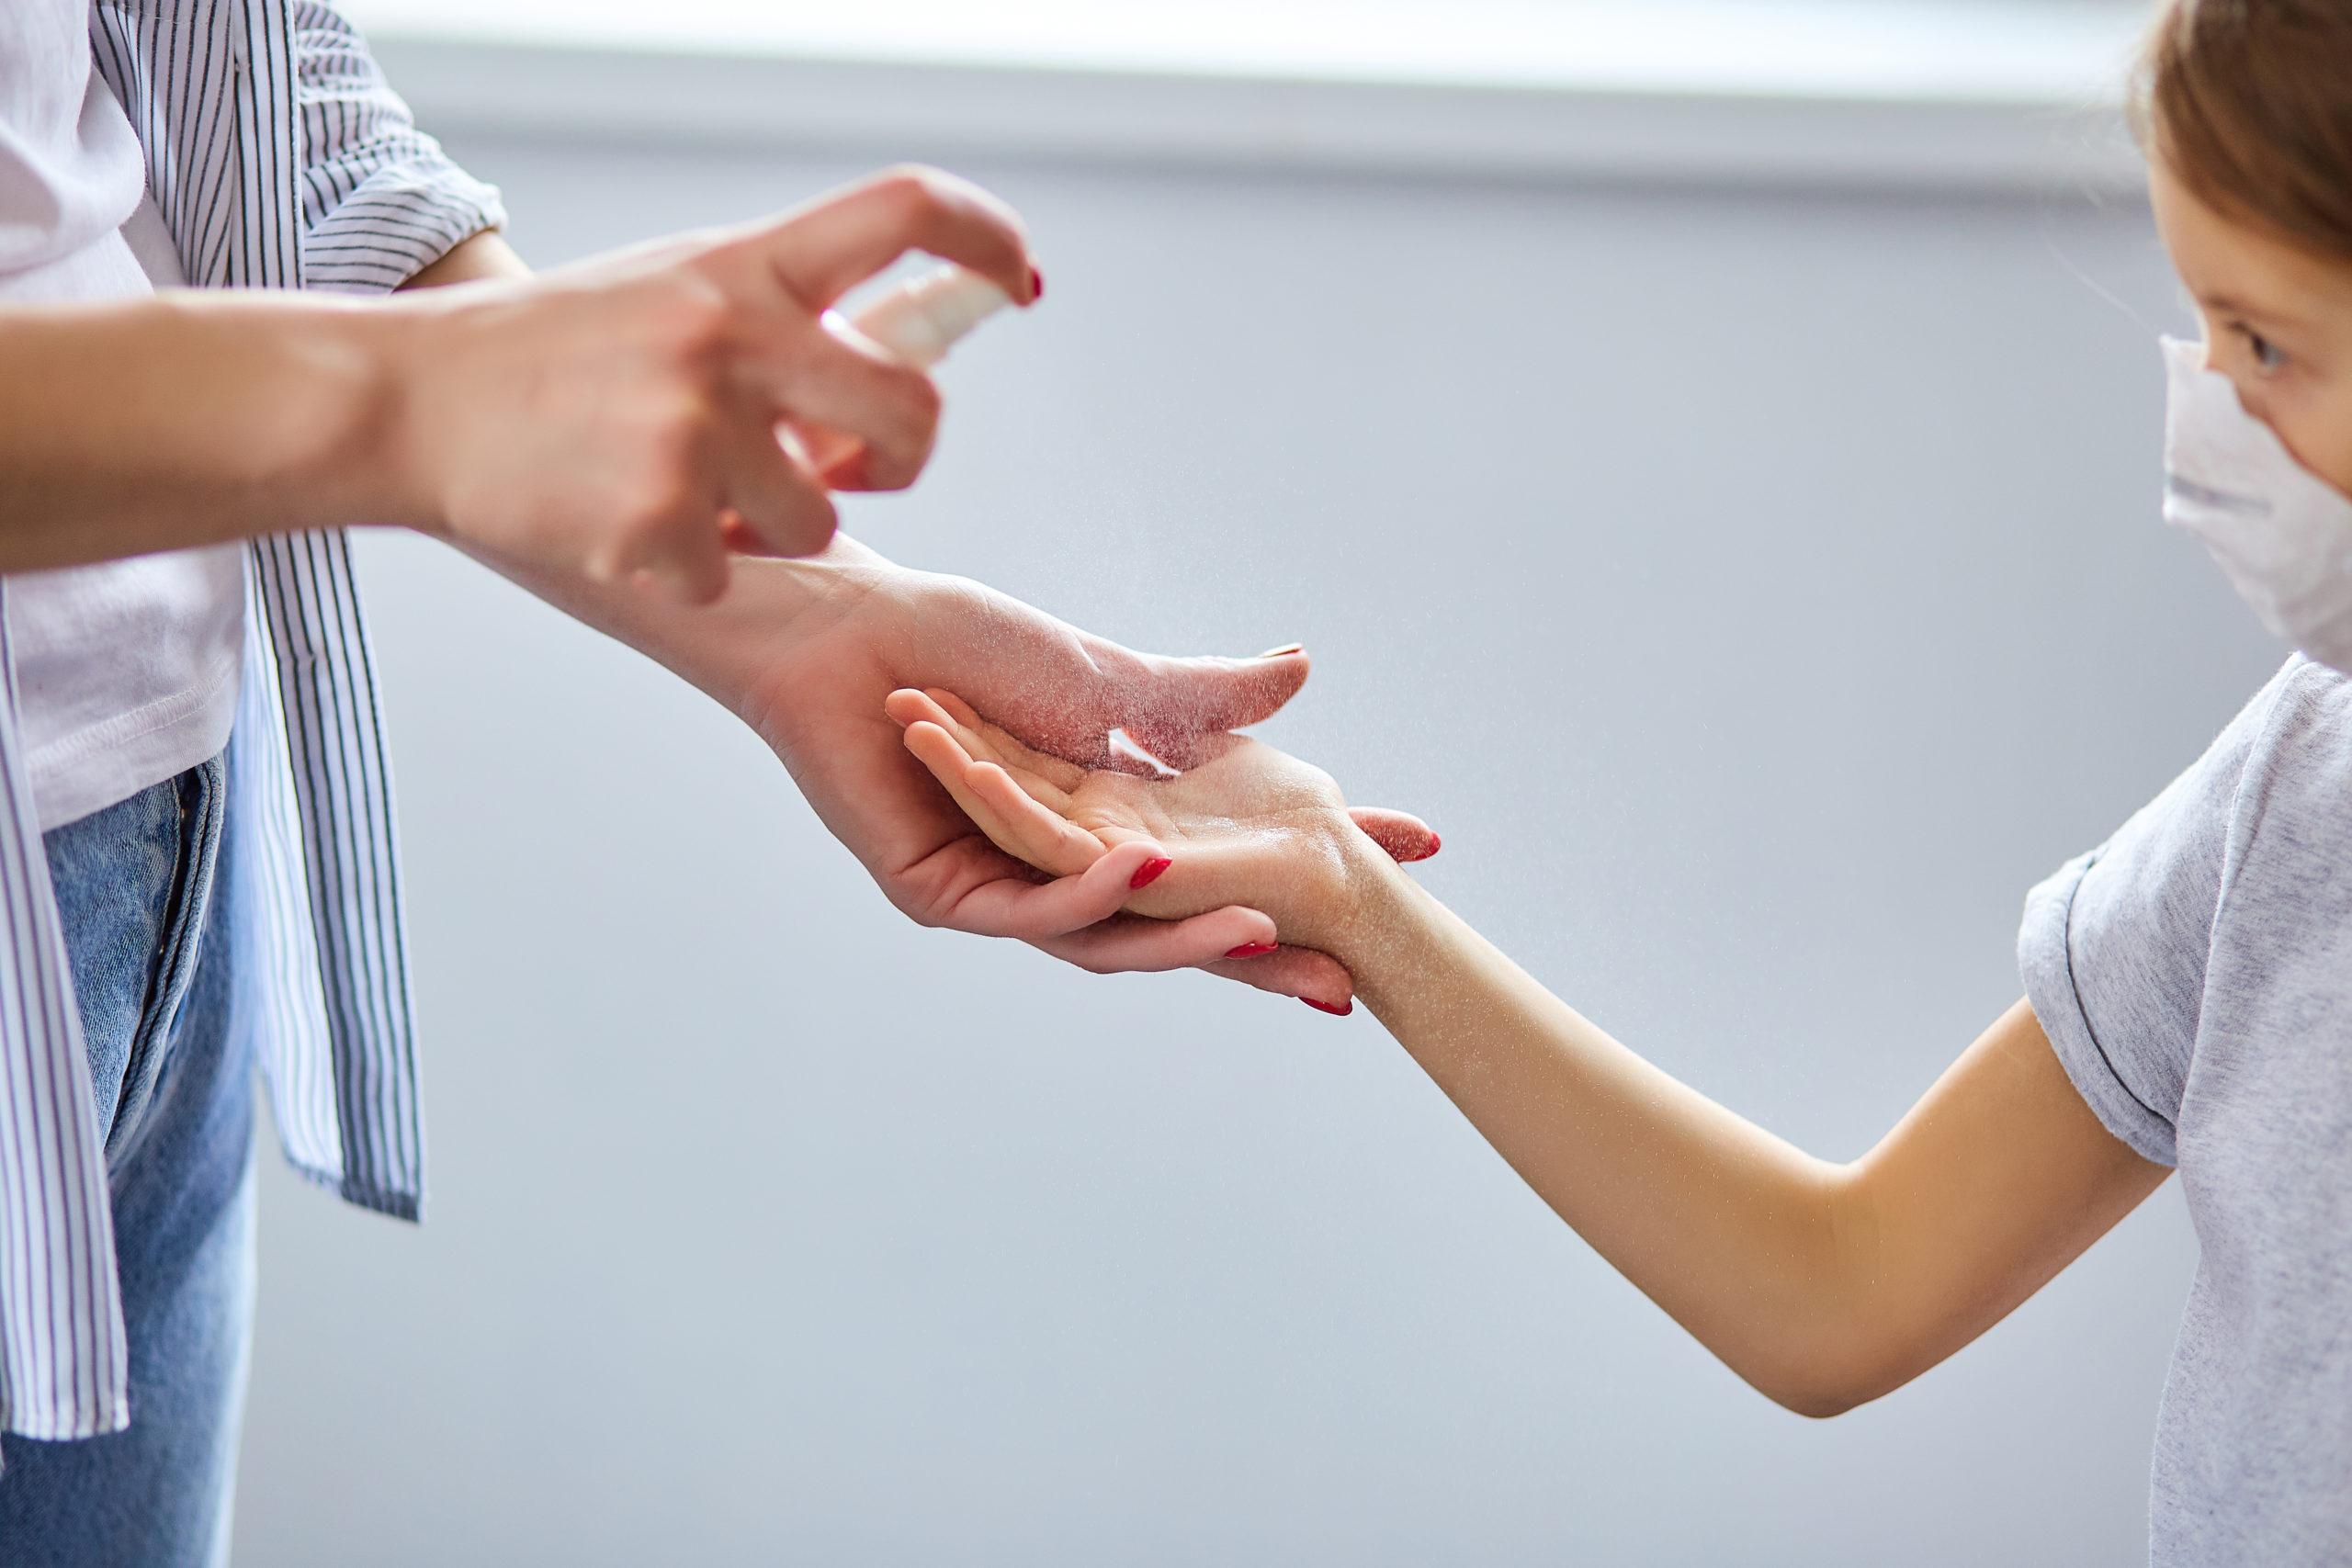 Igienizzanti mani pssono danneggiare la salute degli occhi dei bambini